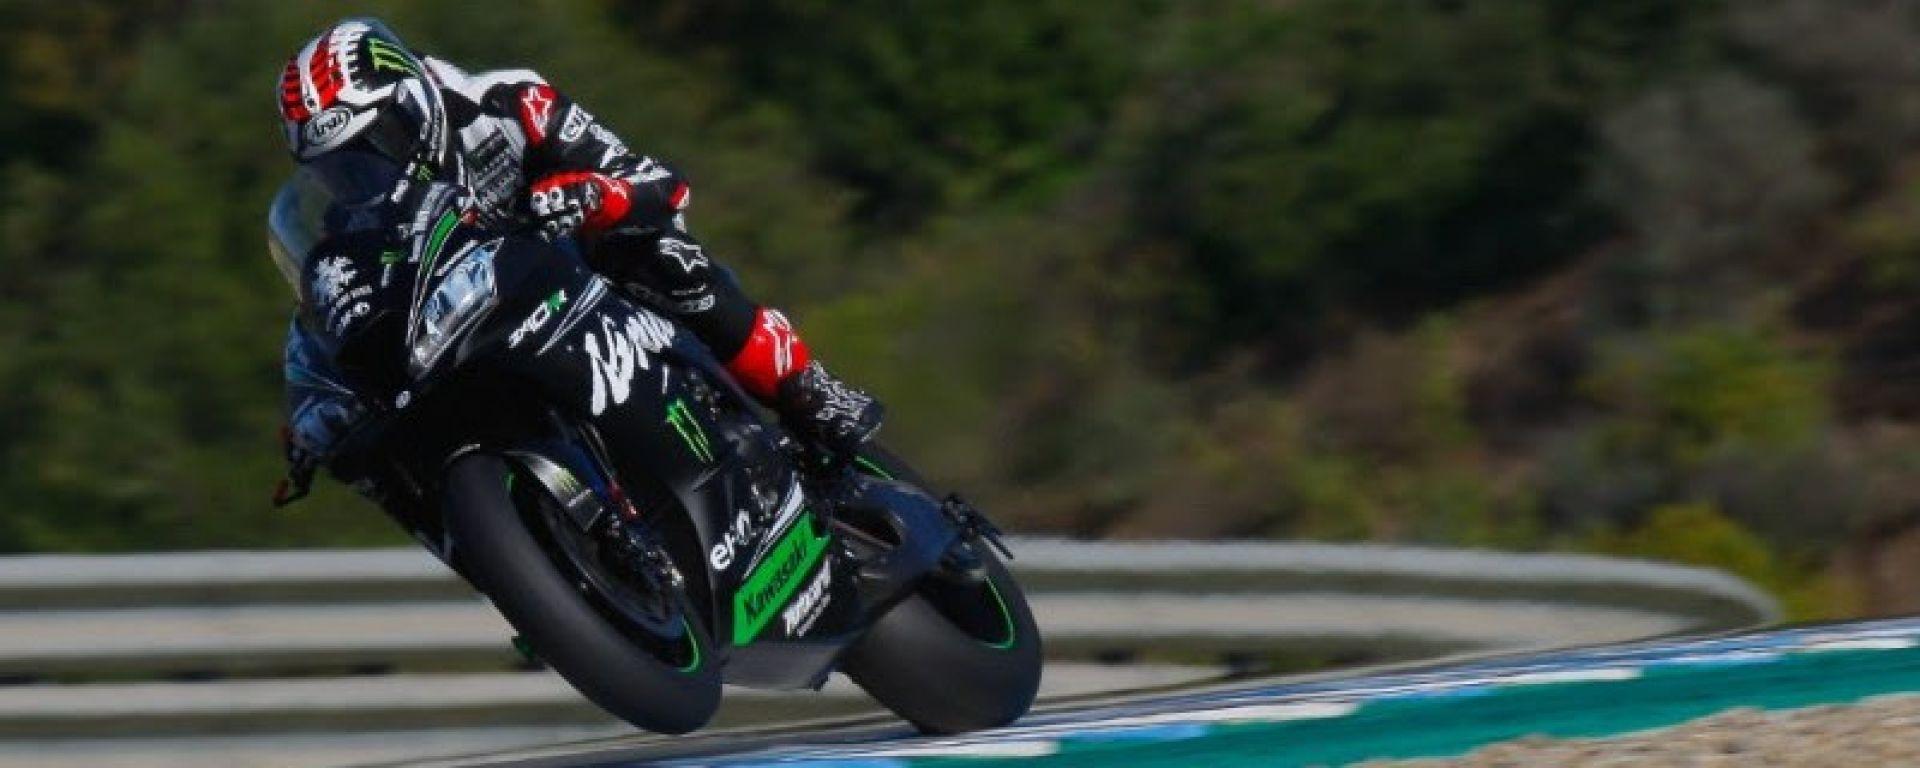 Rea è il più veloce nella prima giornata di test a Jerez